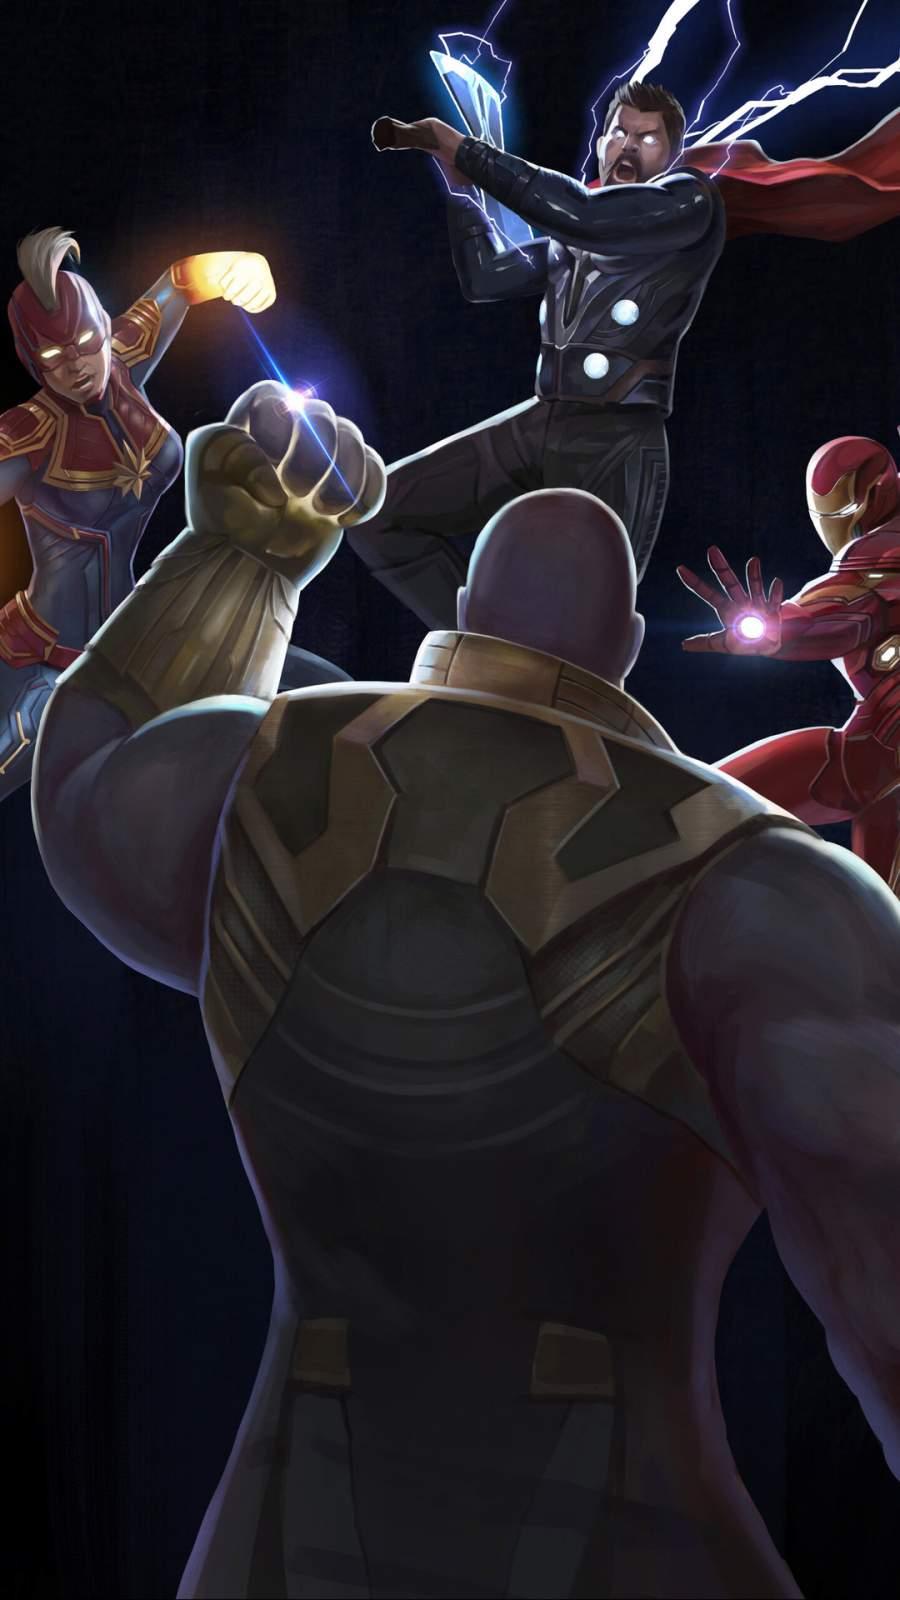 Thanos vs Avengers Art iPhone Wallpaper